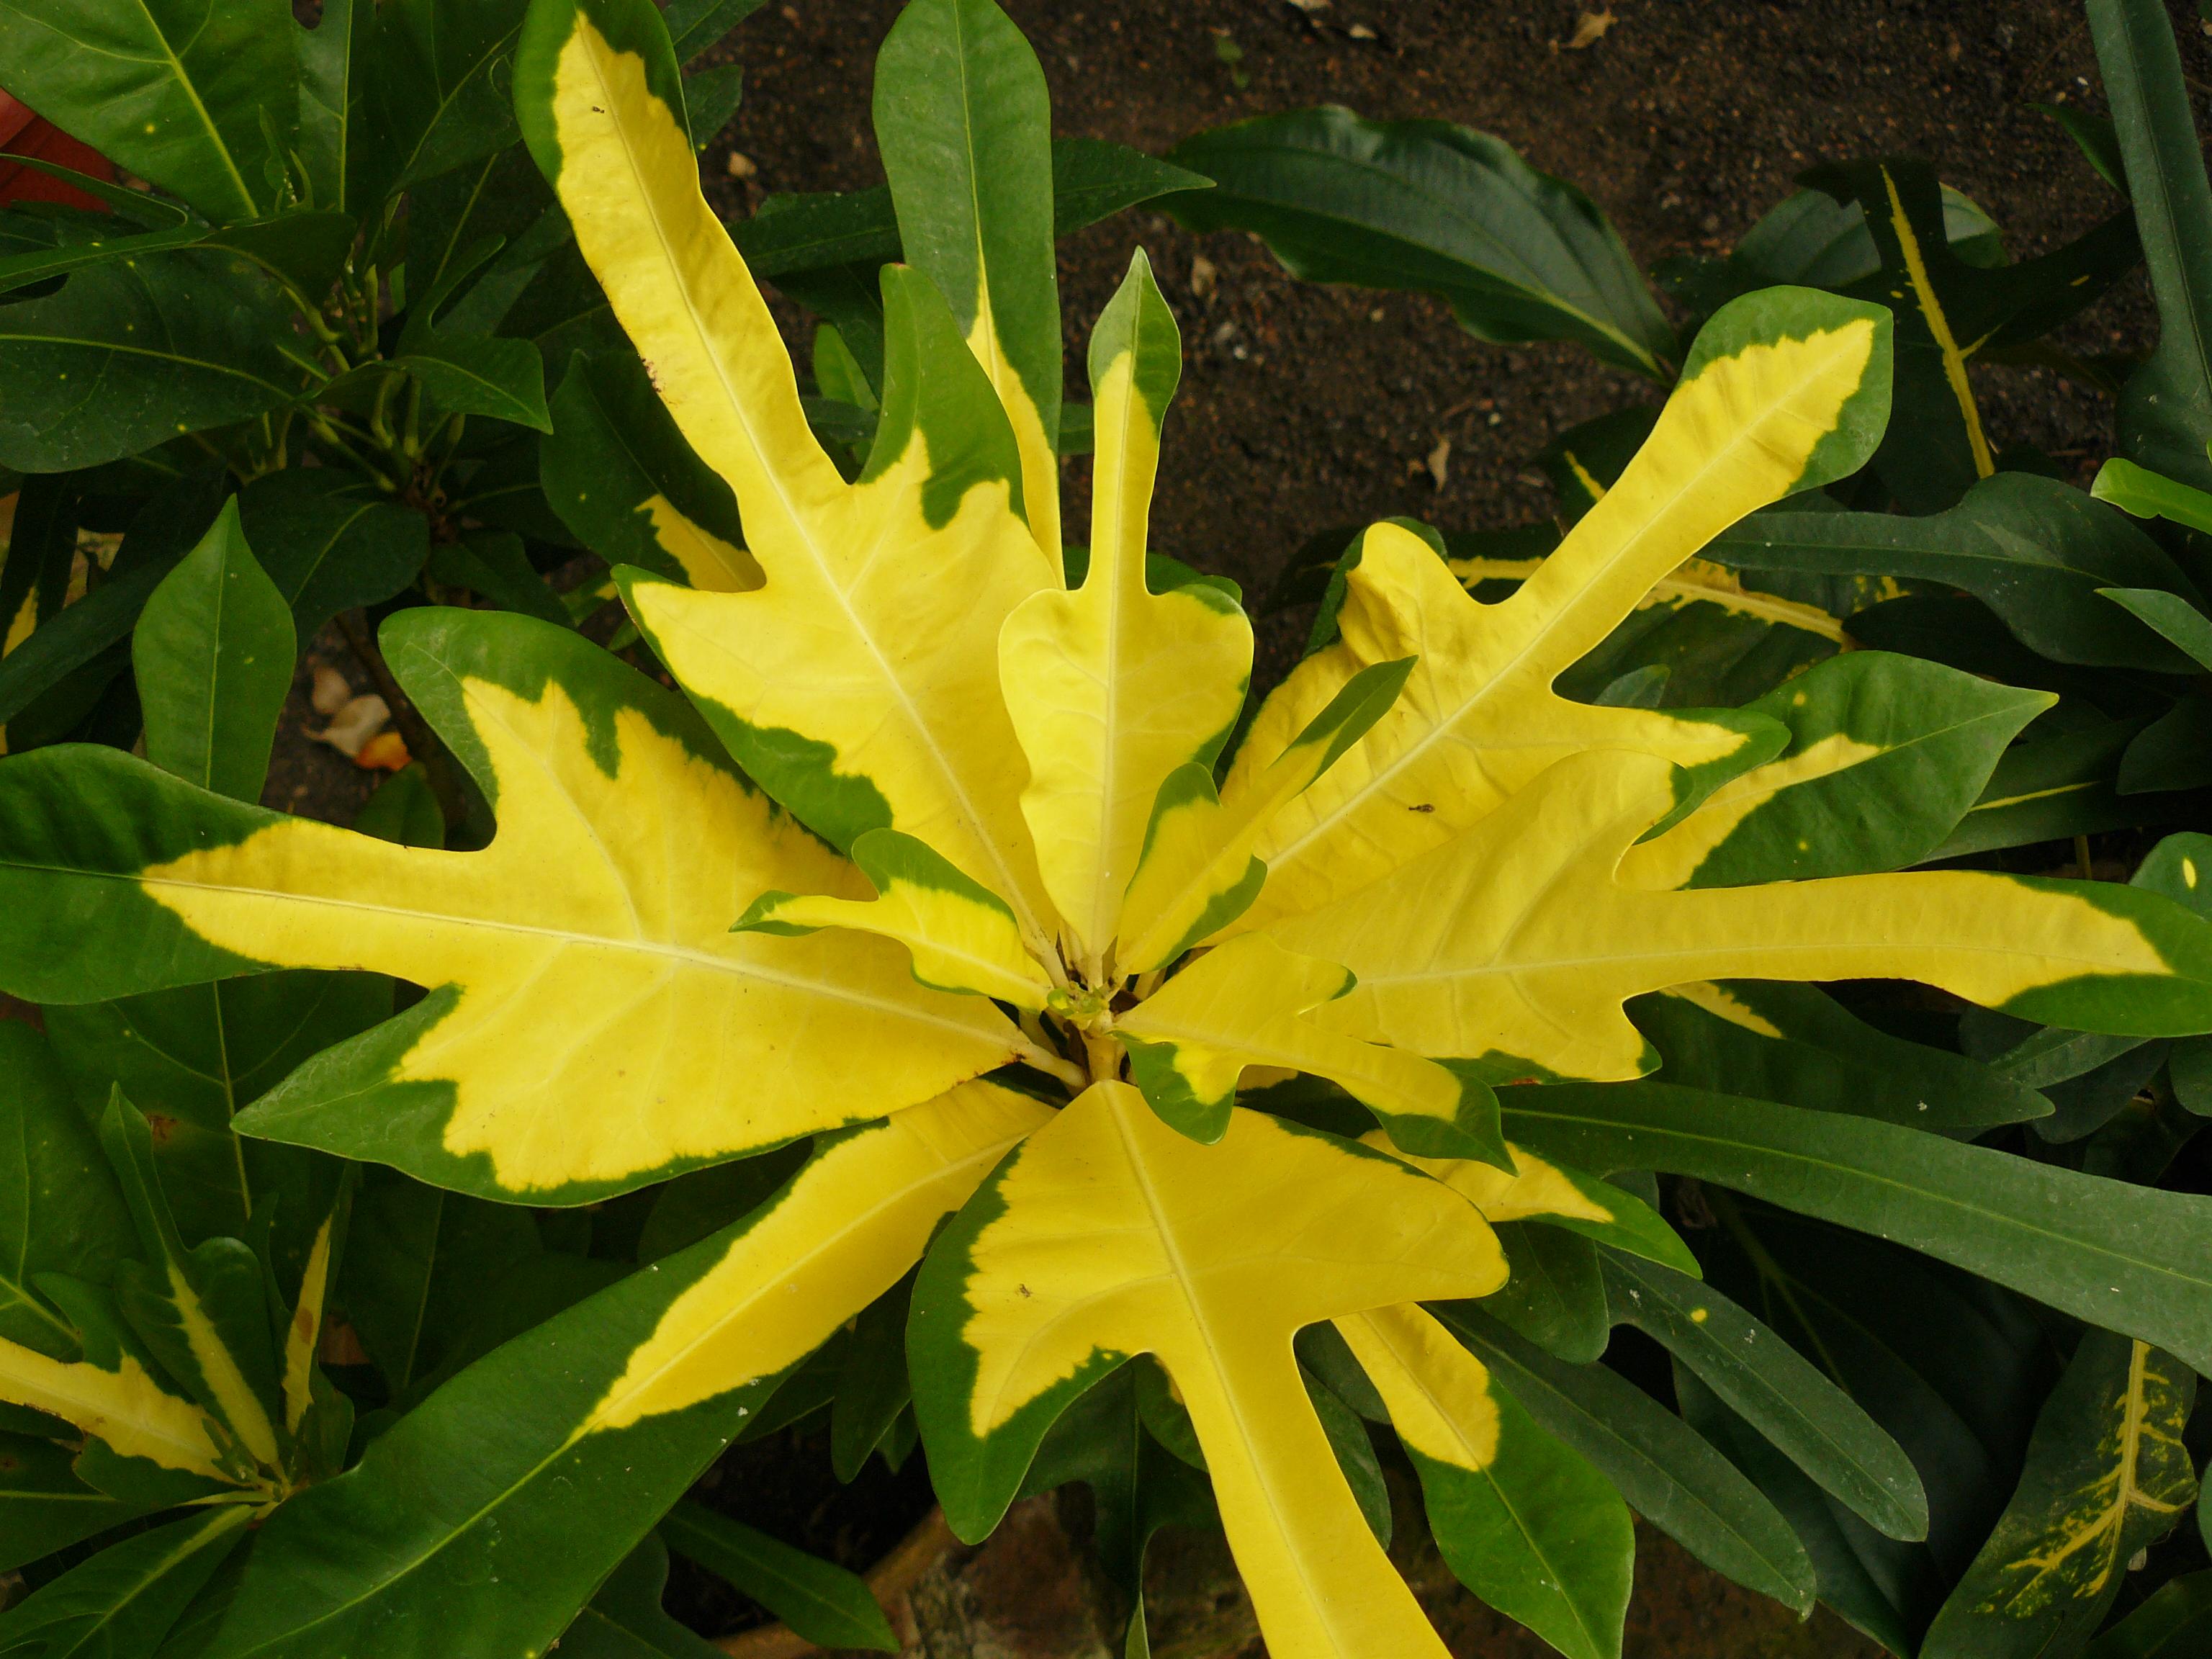 Planta de hojas verdes y amarillas maravillate - Plantas de hojas verdes ...